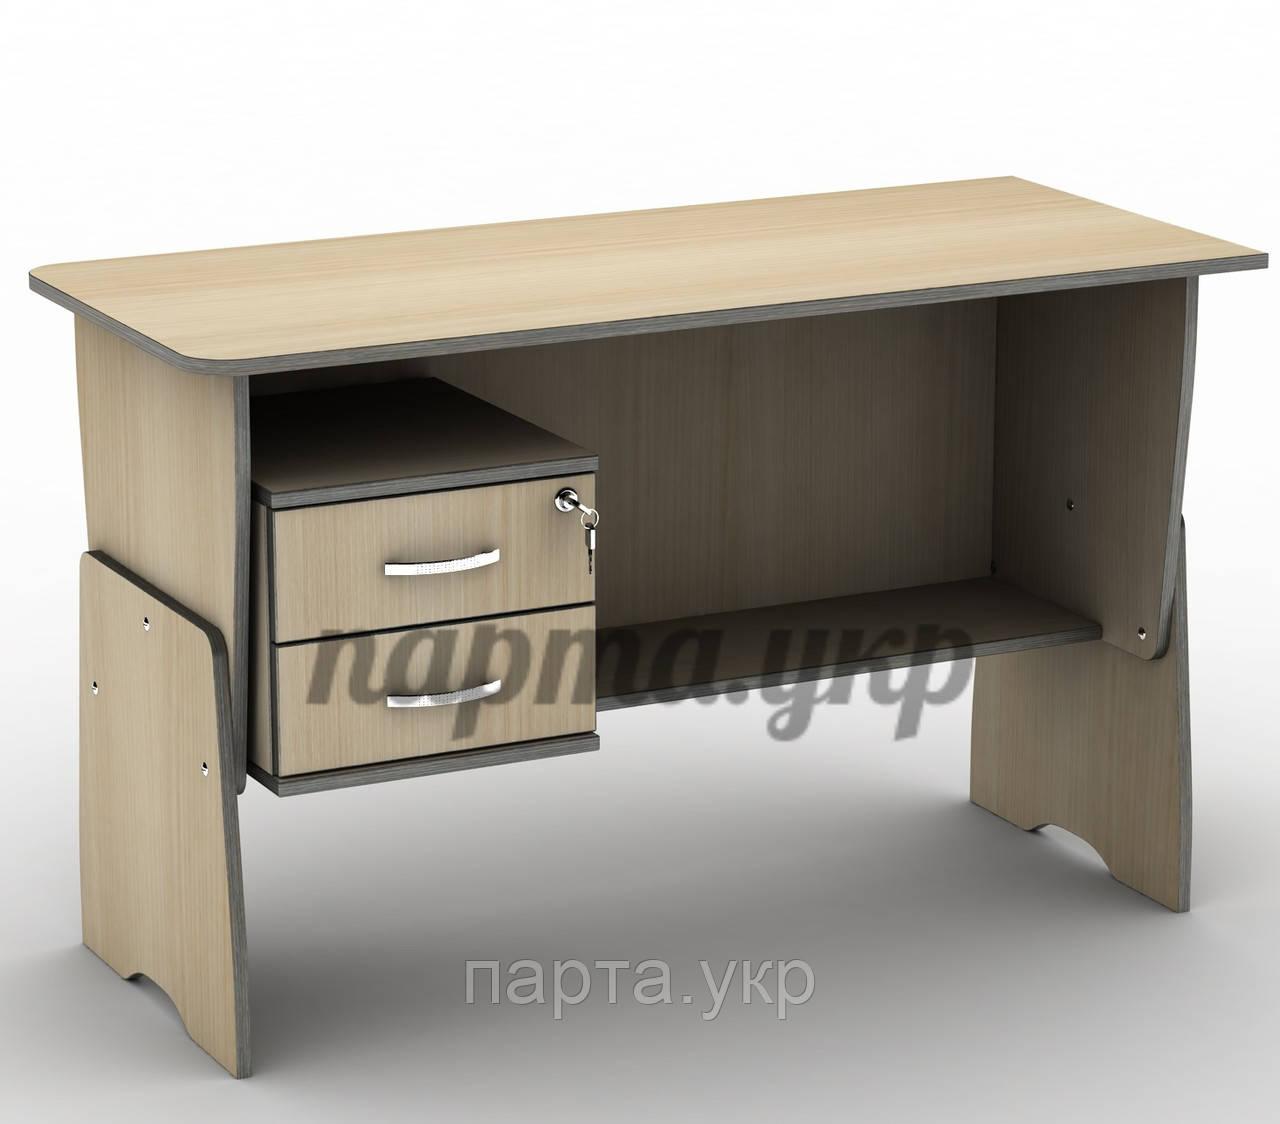 Растущий детский письменный стол тСП-12 +тумба Т-2